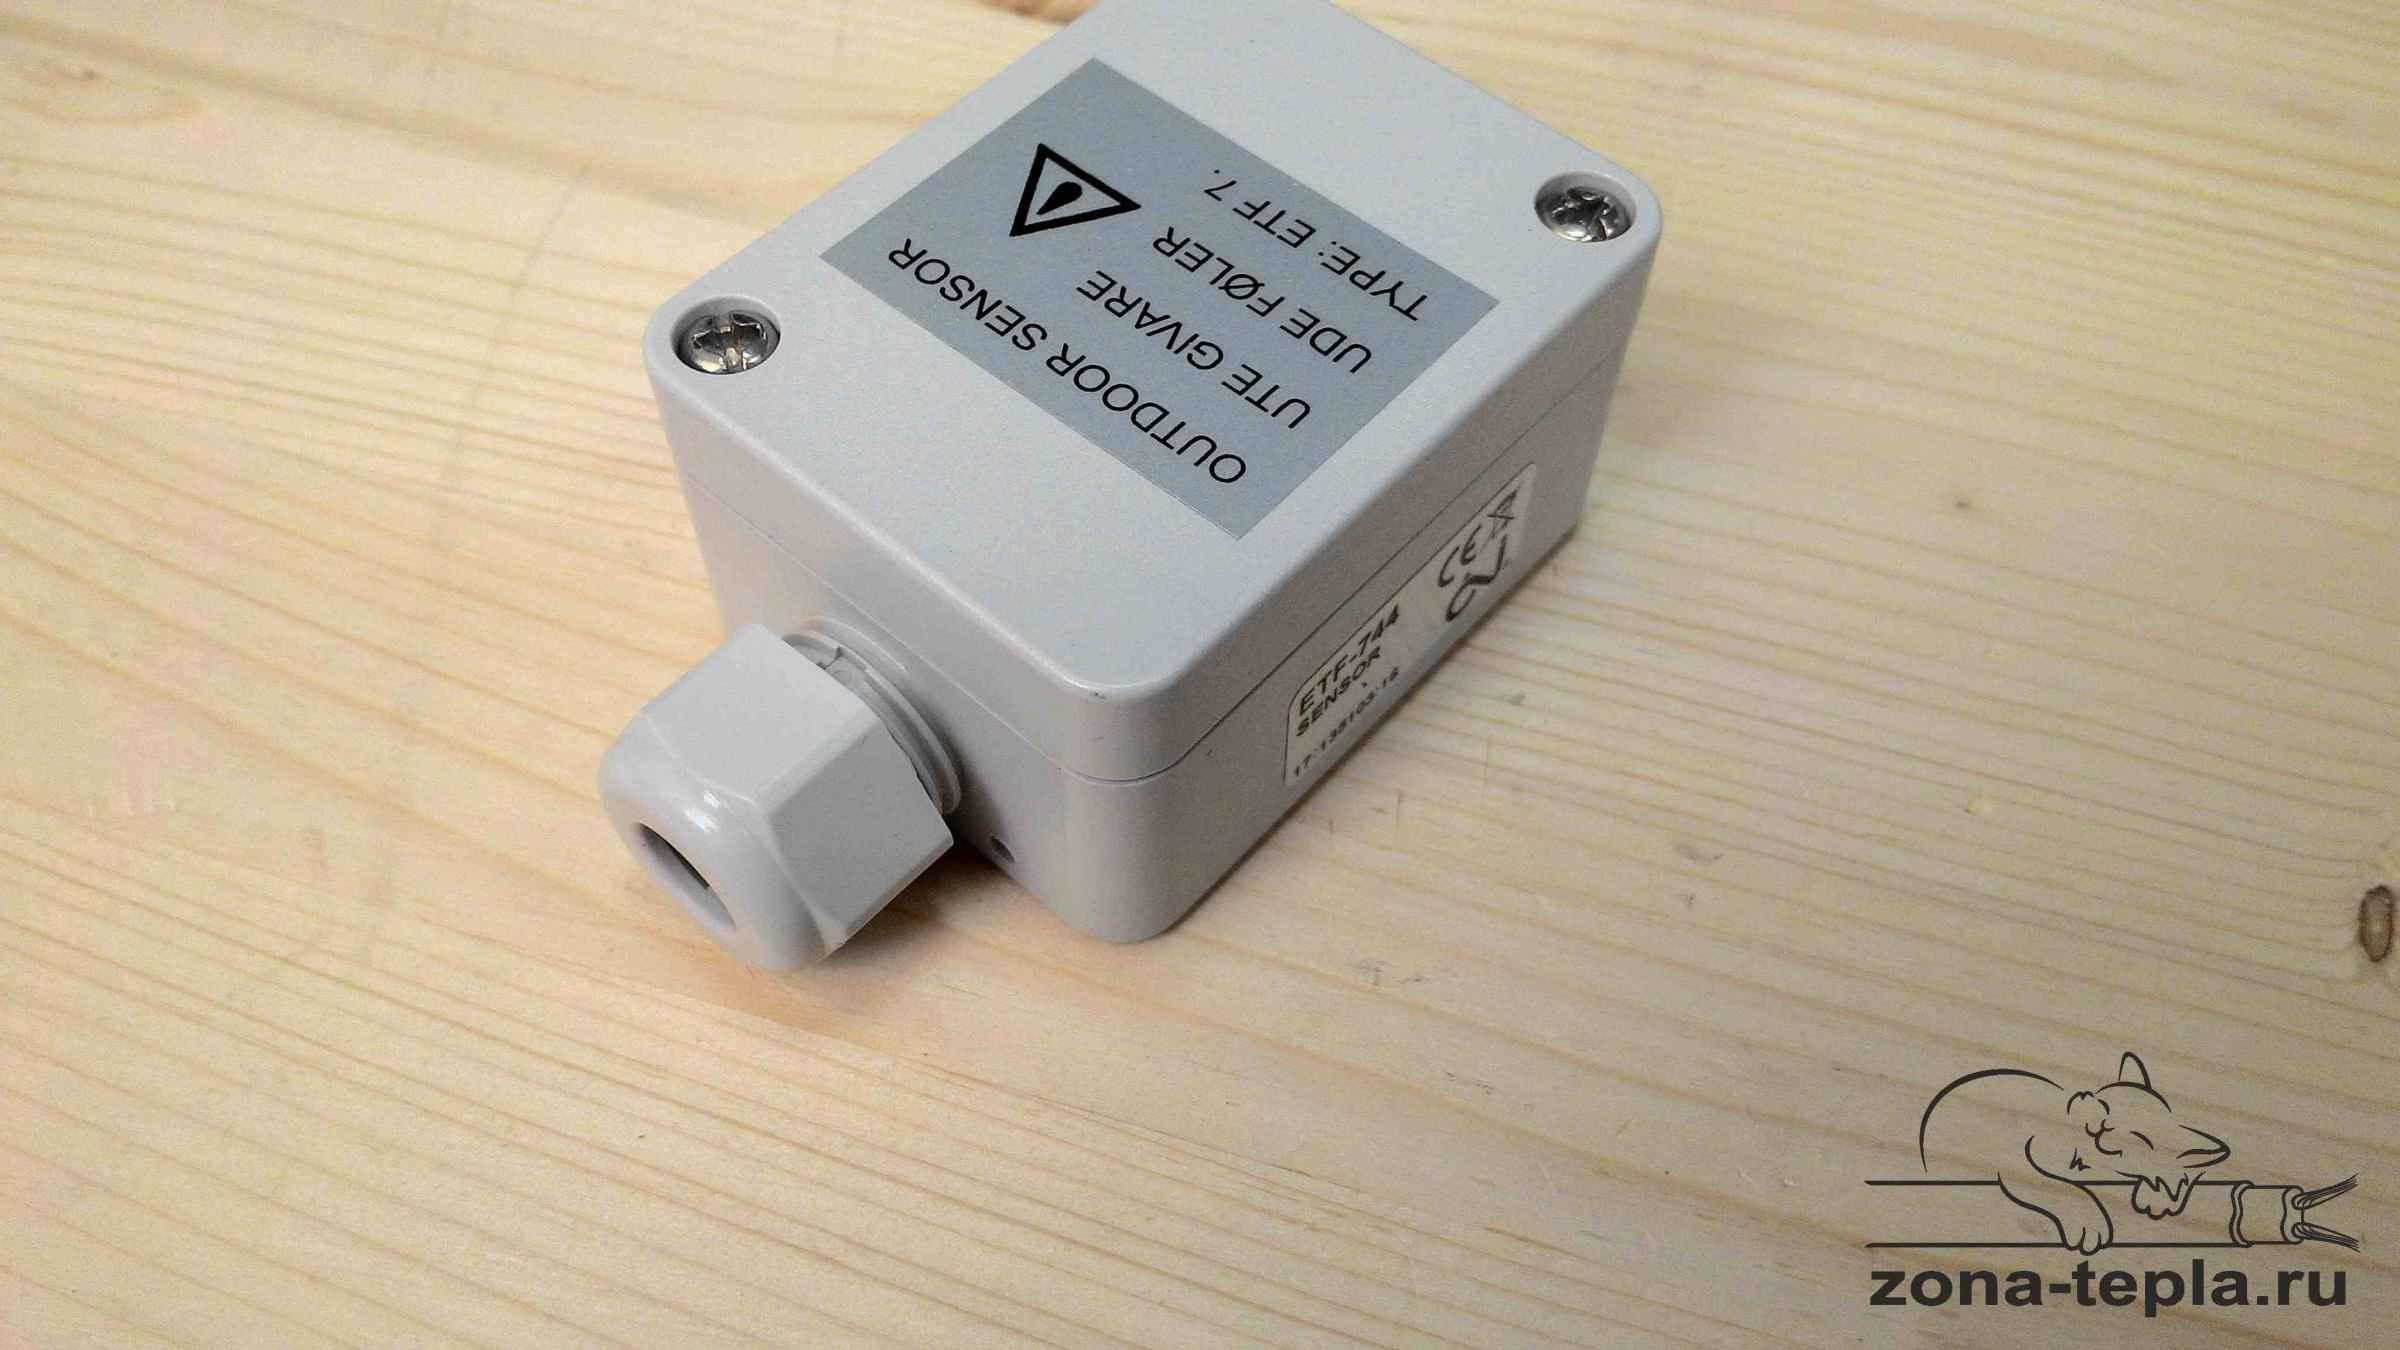 Датчик температуры для термостата ETR-F 1447A